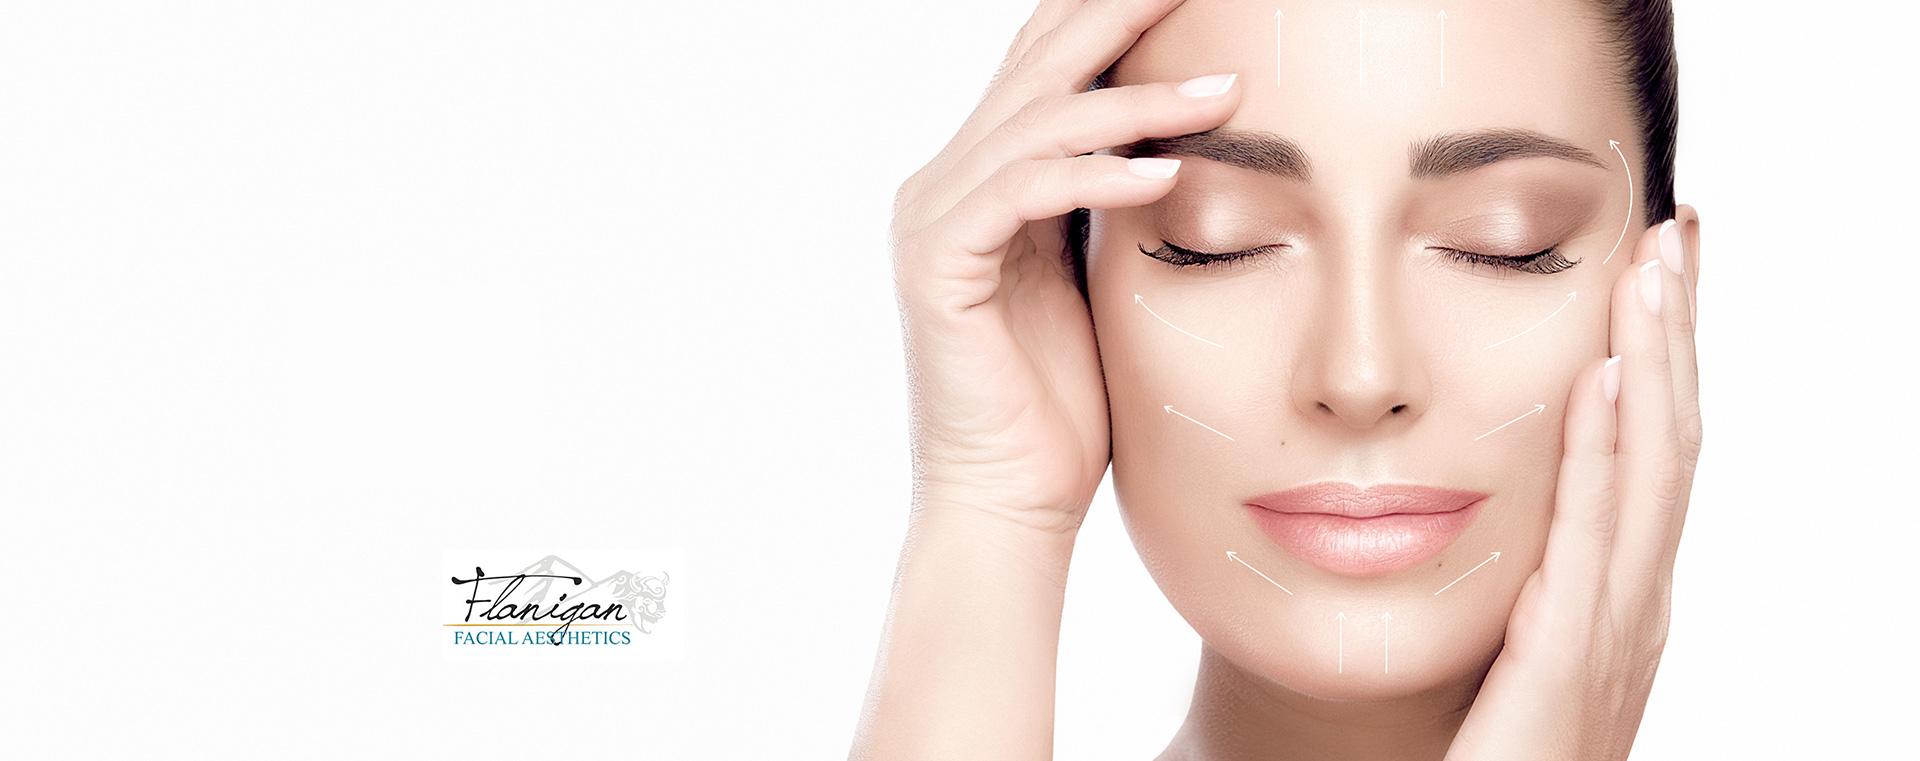 Flanigan Facial Aesthetics | Denver Facial Aesthetics